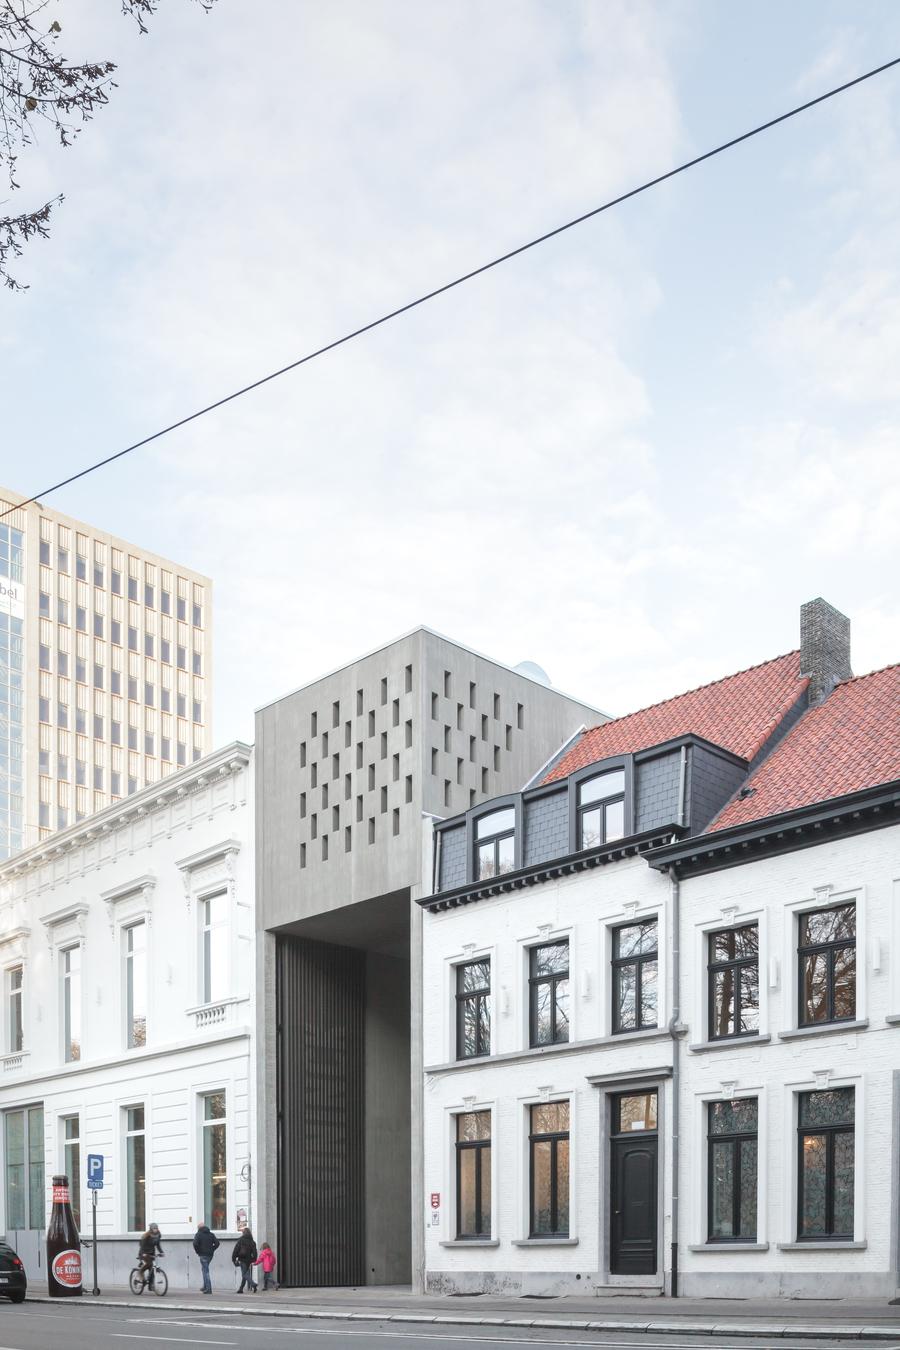 De nieuwe, opvallende toegangspoort maakt duidelijk dat De Koninck vandaag meer is dan een brouwerij alleen.